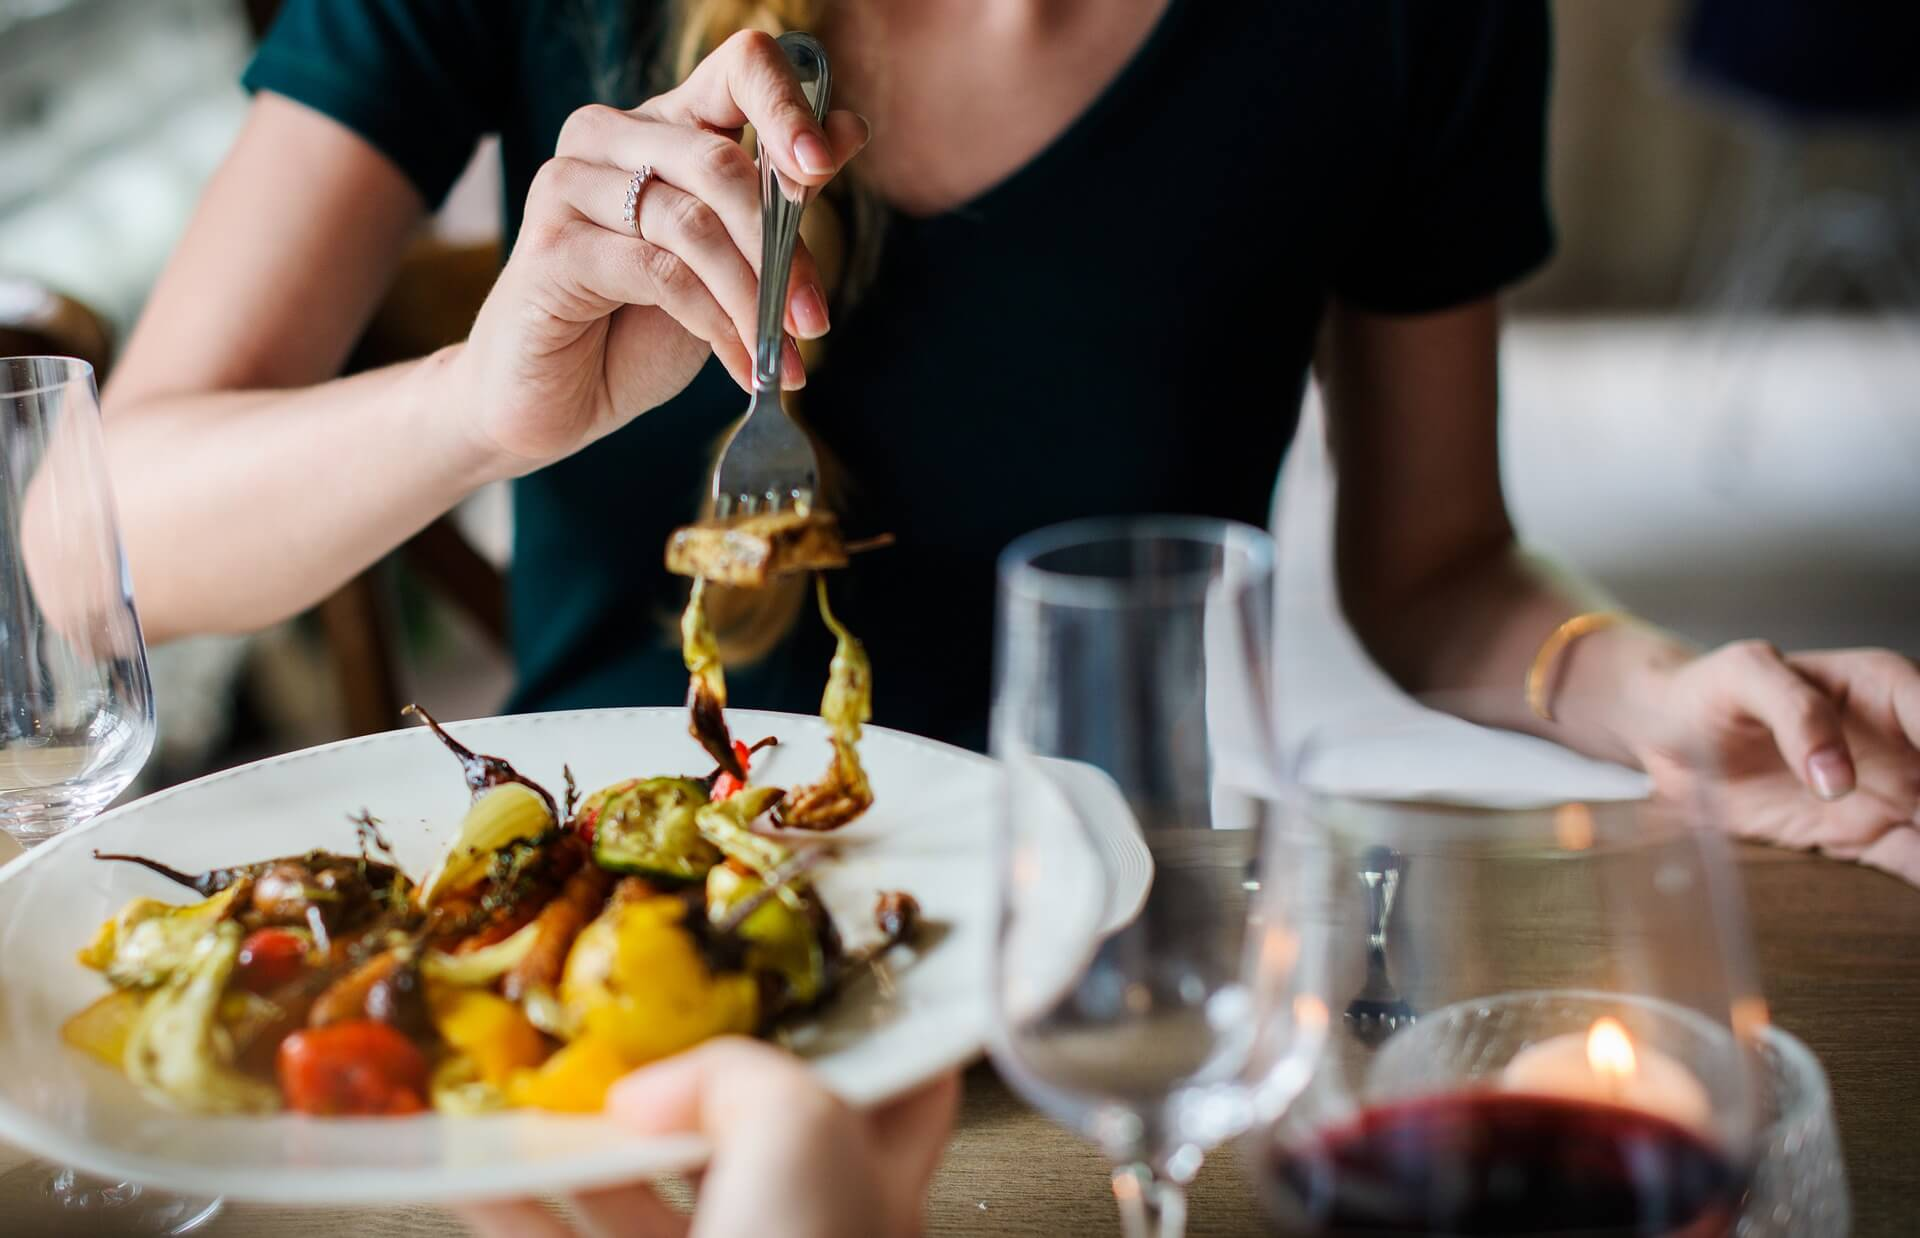 Zdrav život počinje u kuhinji: Namirnice koje biste trebali konzumirati svaki dan